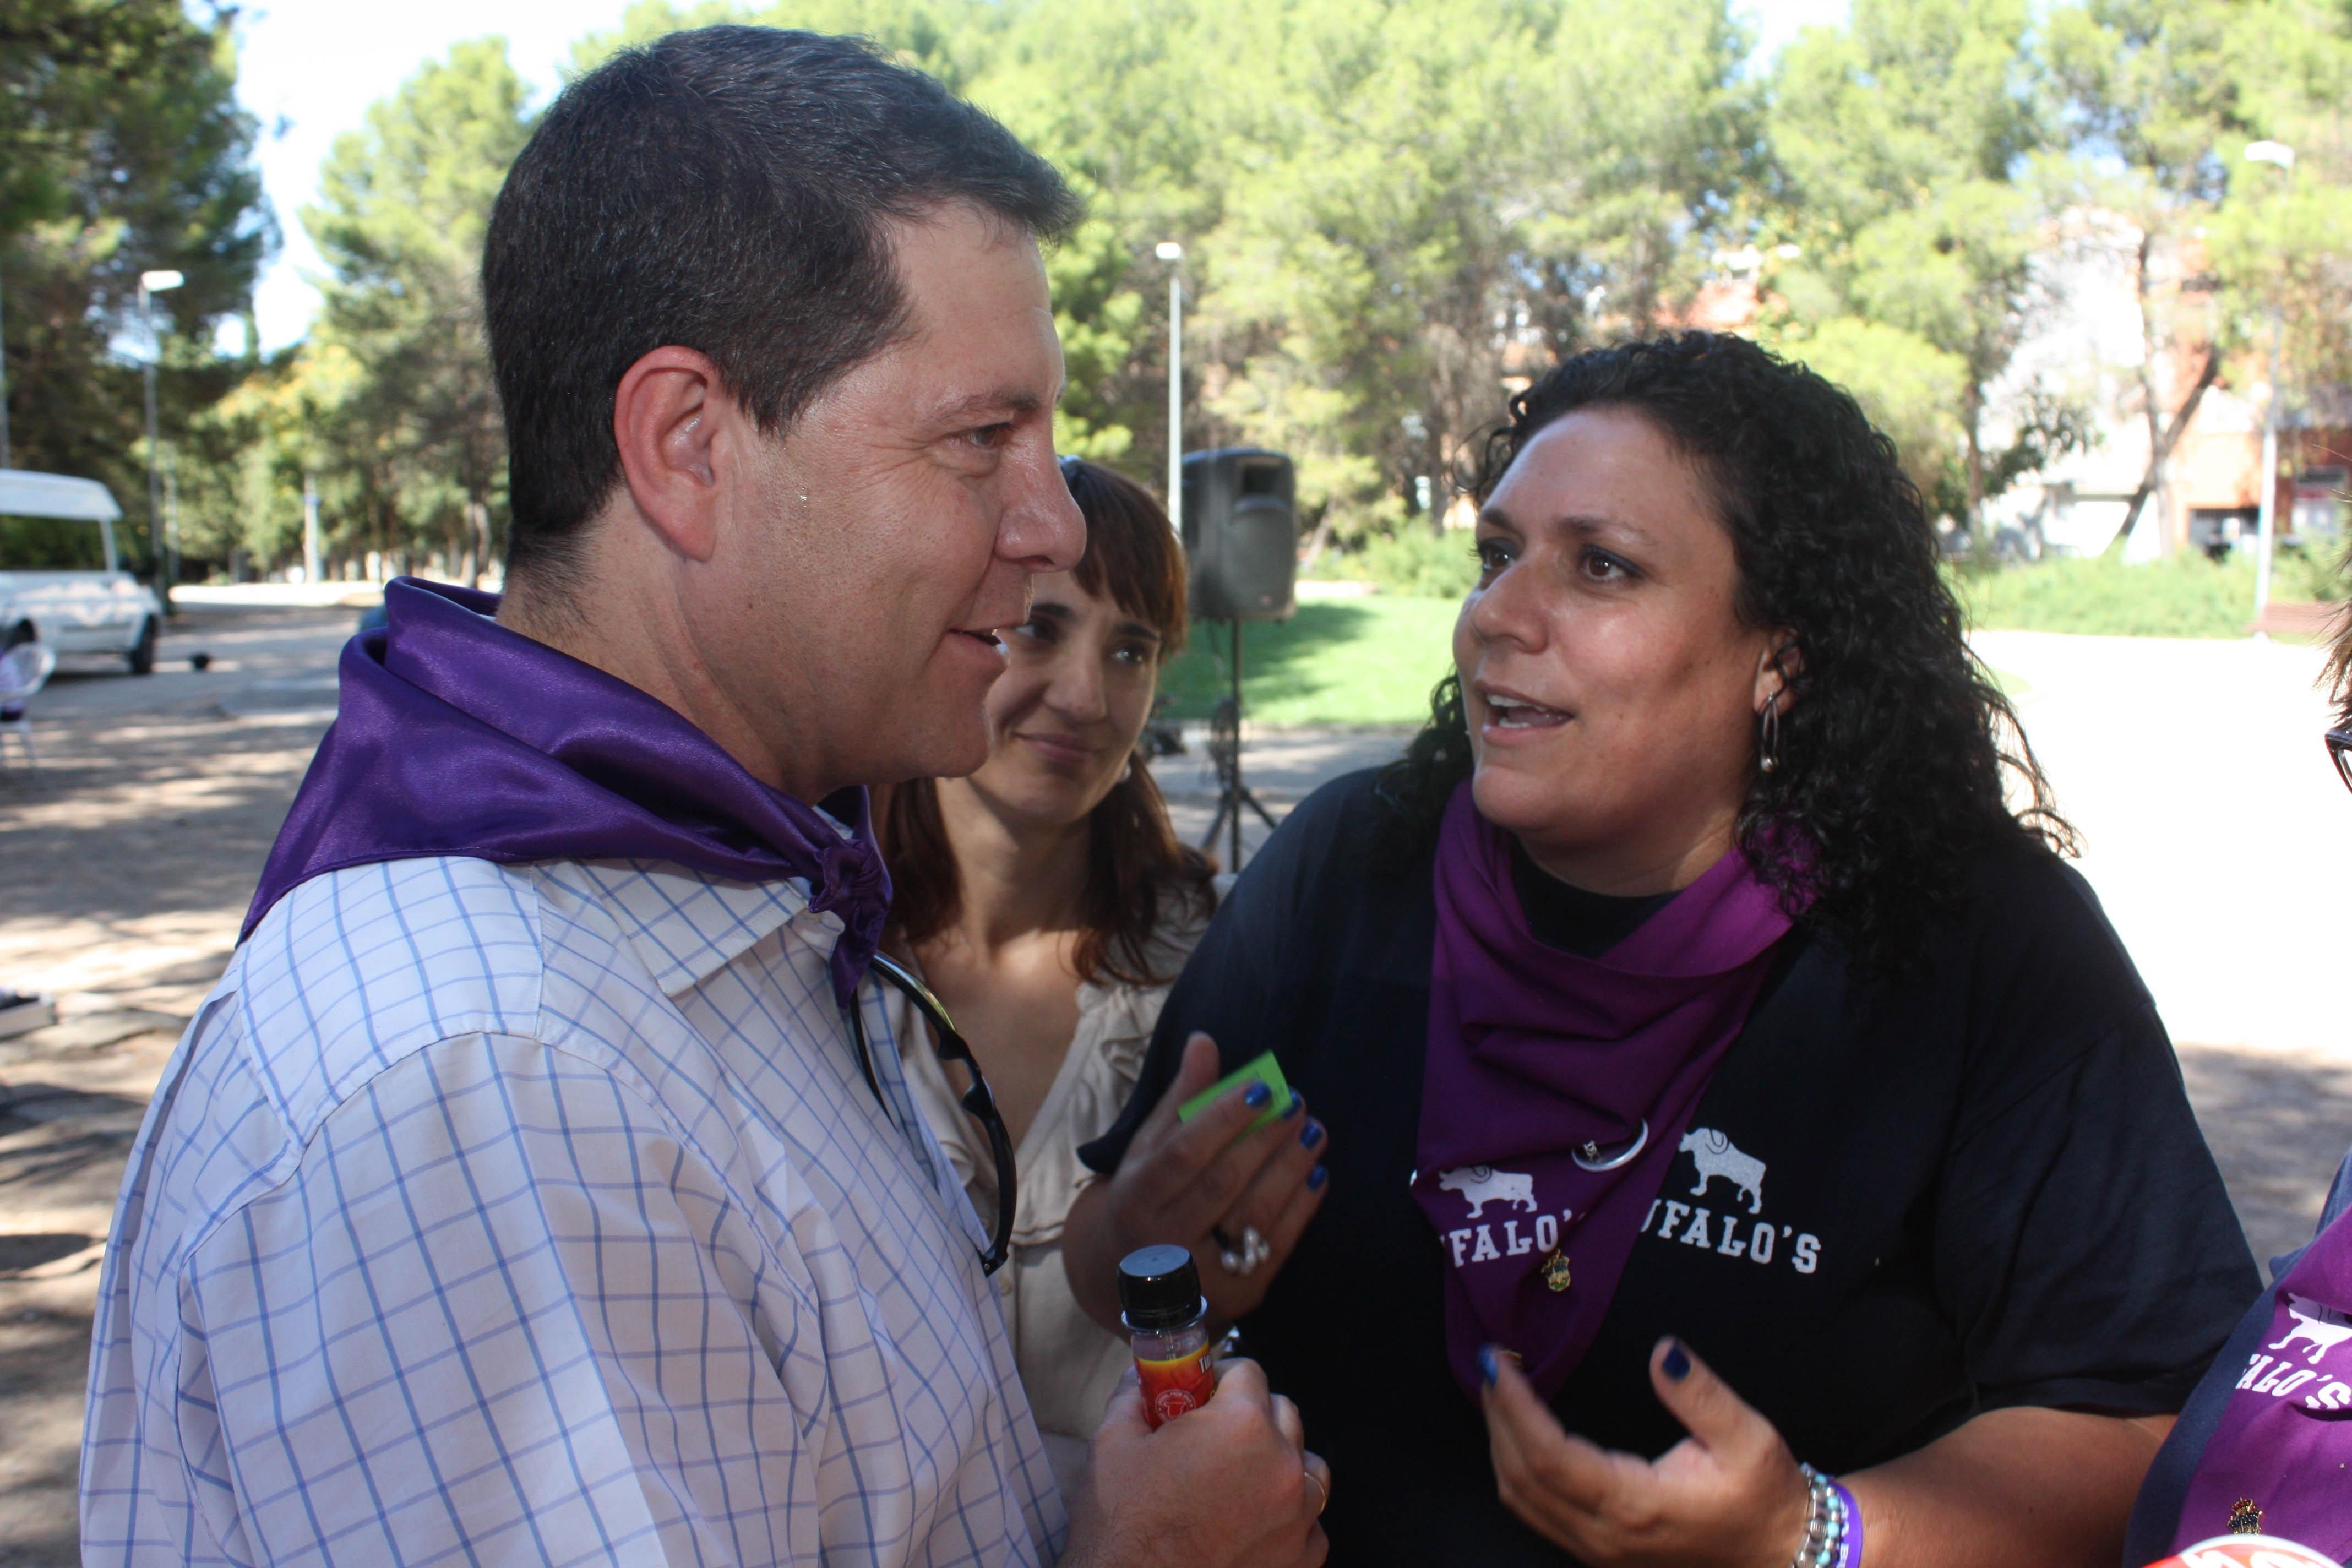 El PSOE pedirá la comparecencia urgente de Echániz para que negocie el convenio sanitario con Madrid